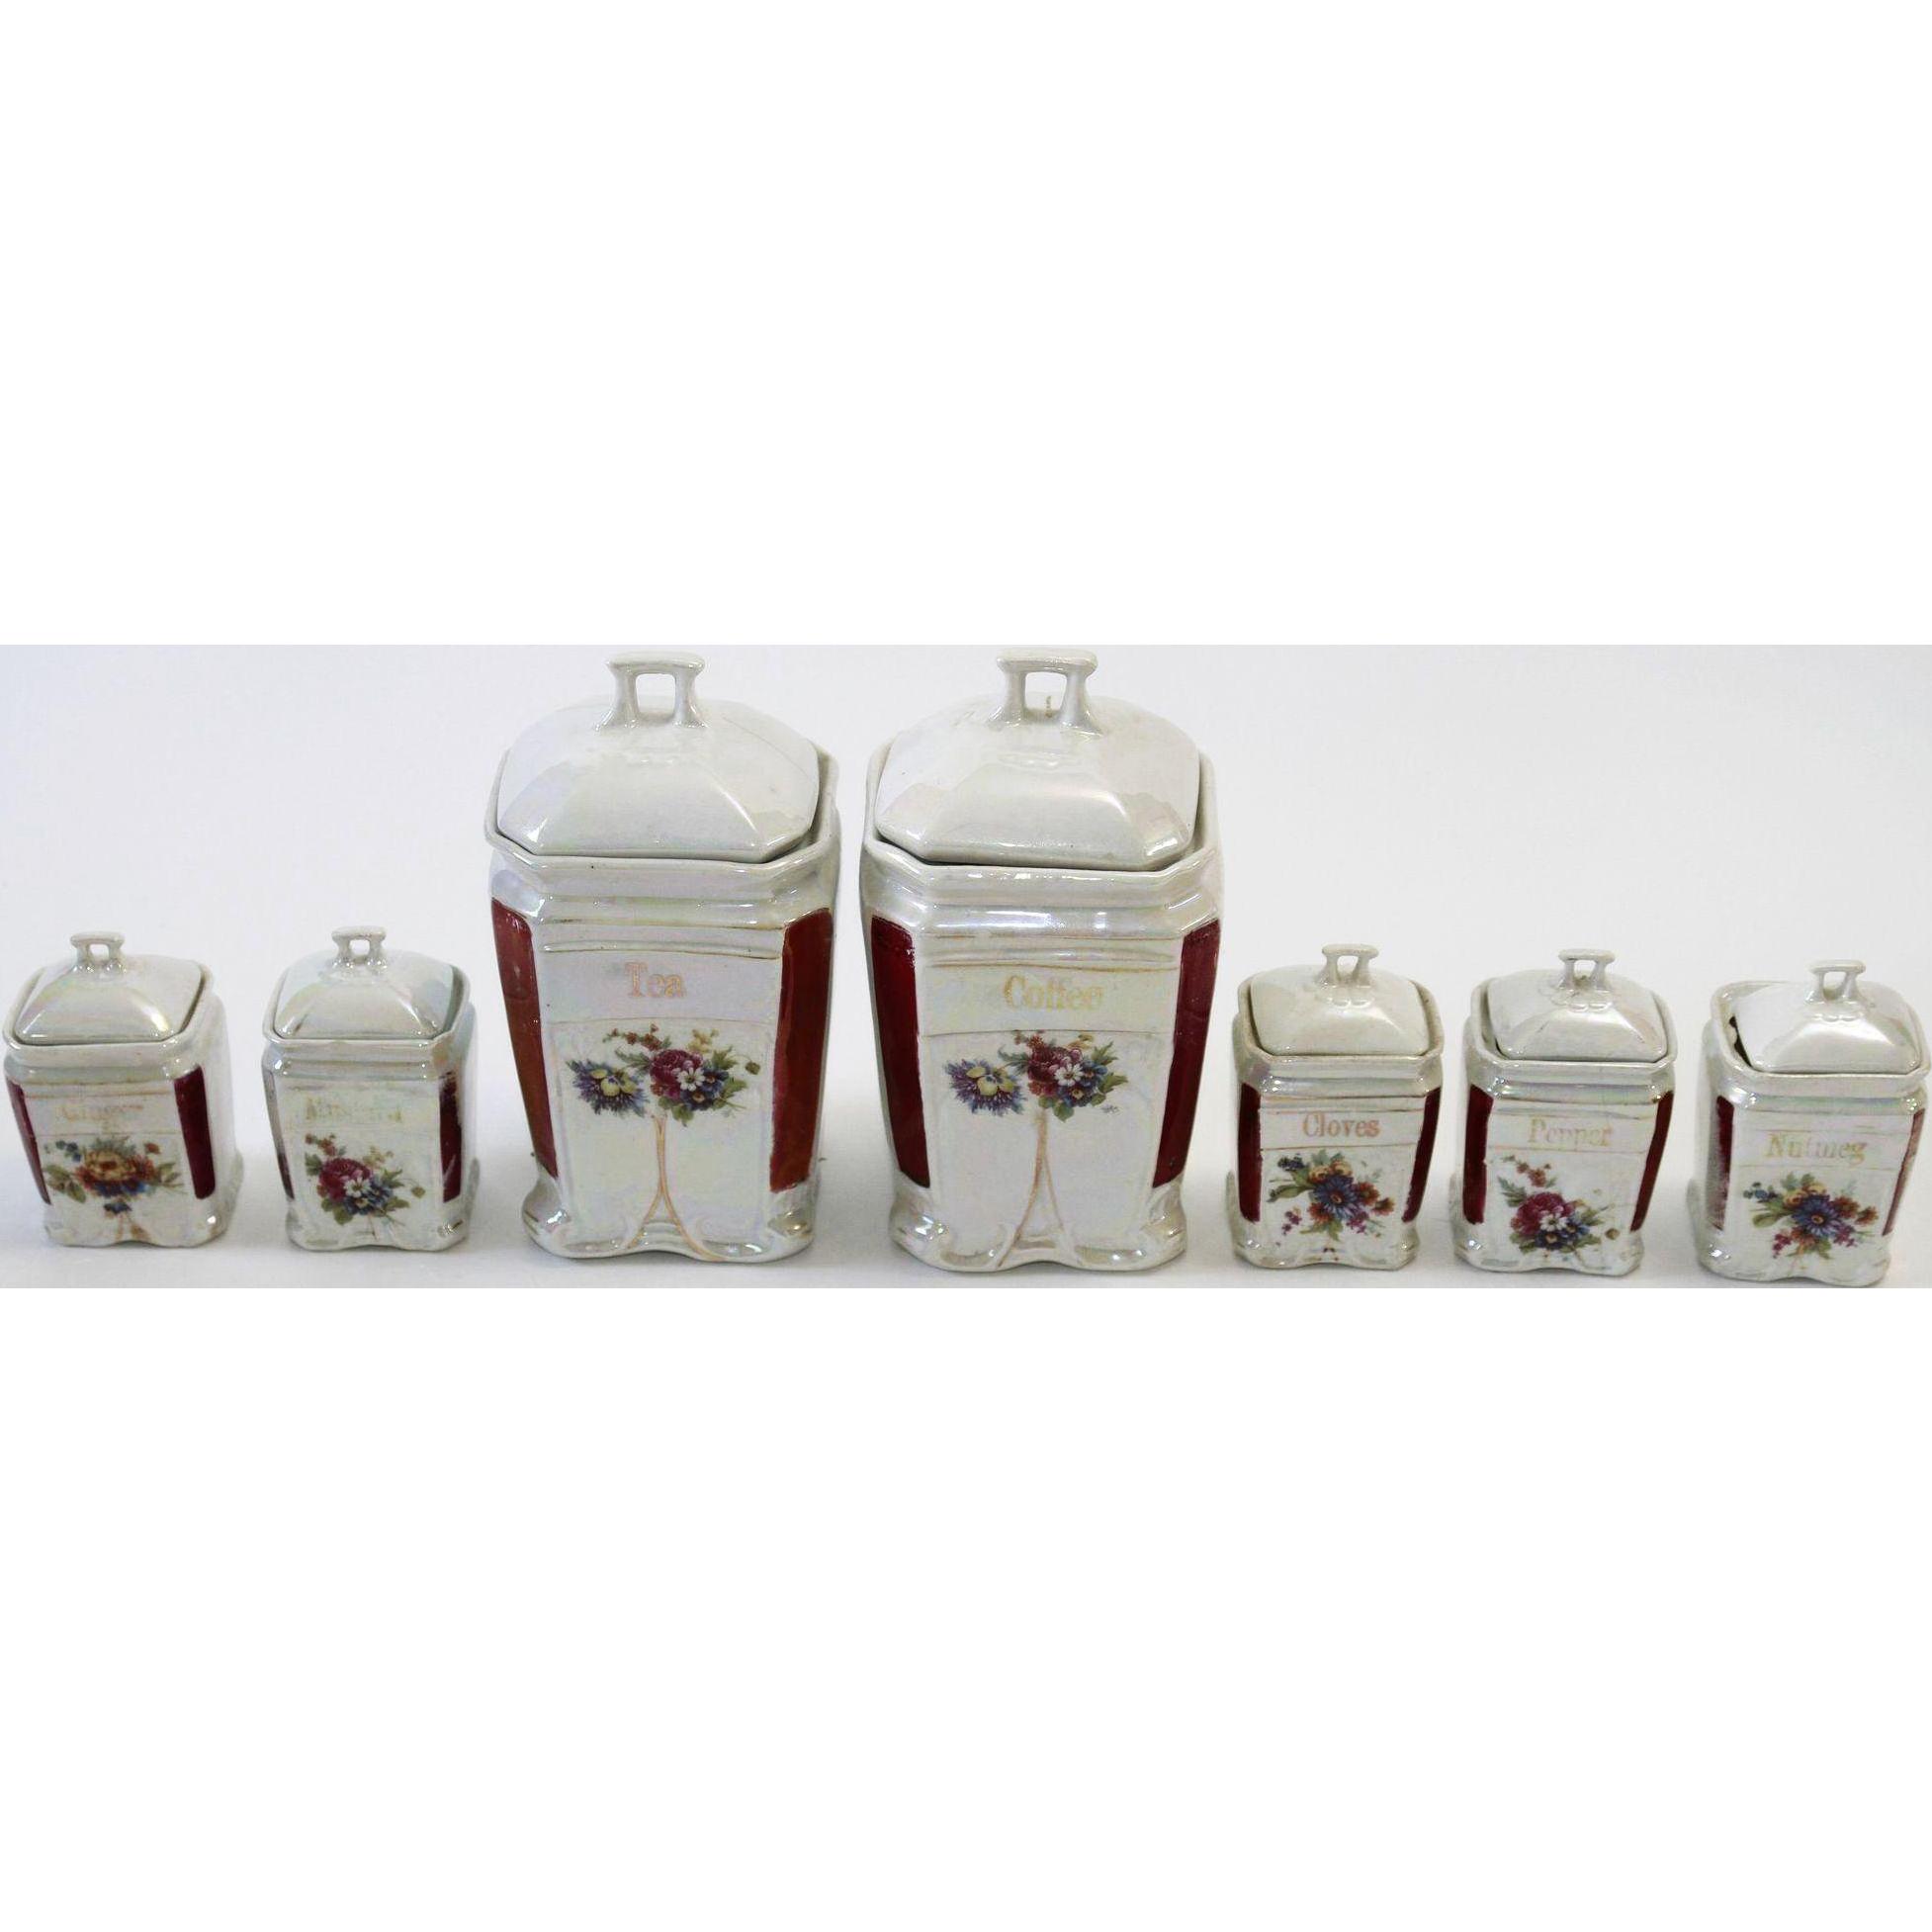 German Porcelain Rich Lustre Condiment/Canisters - Seven Piece set